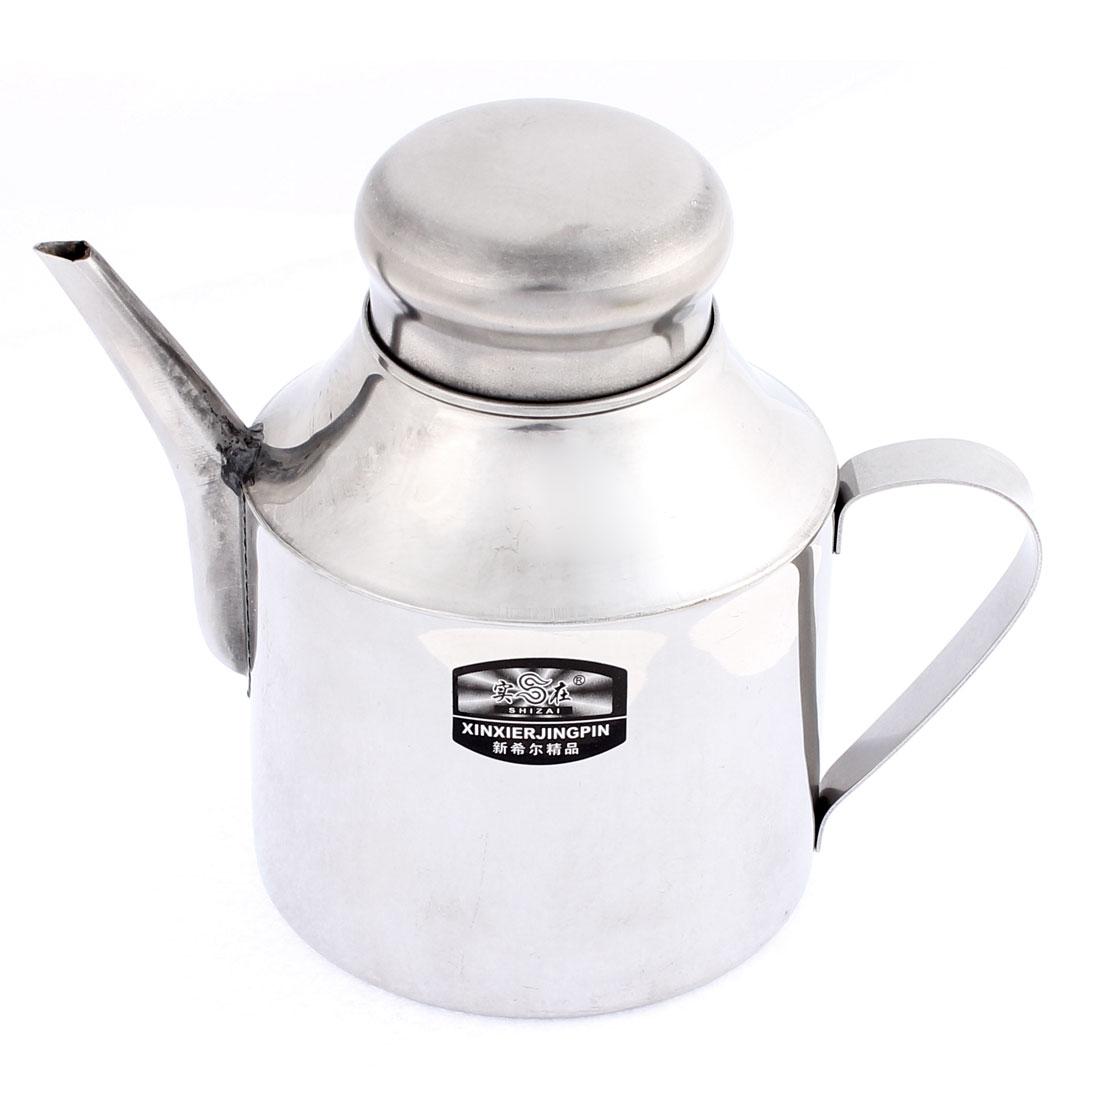 Kitchen Stainless Steel Lidded Shanked Oil Vinegar Sauce Pot 24oz 2 Pcs